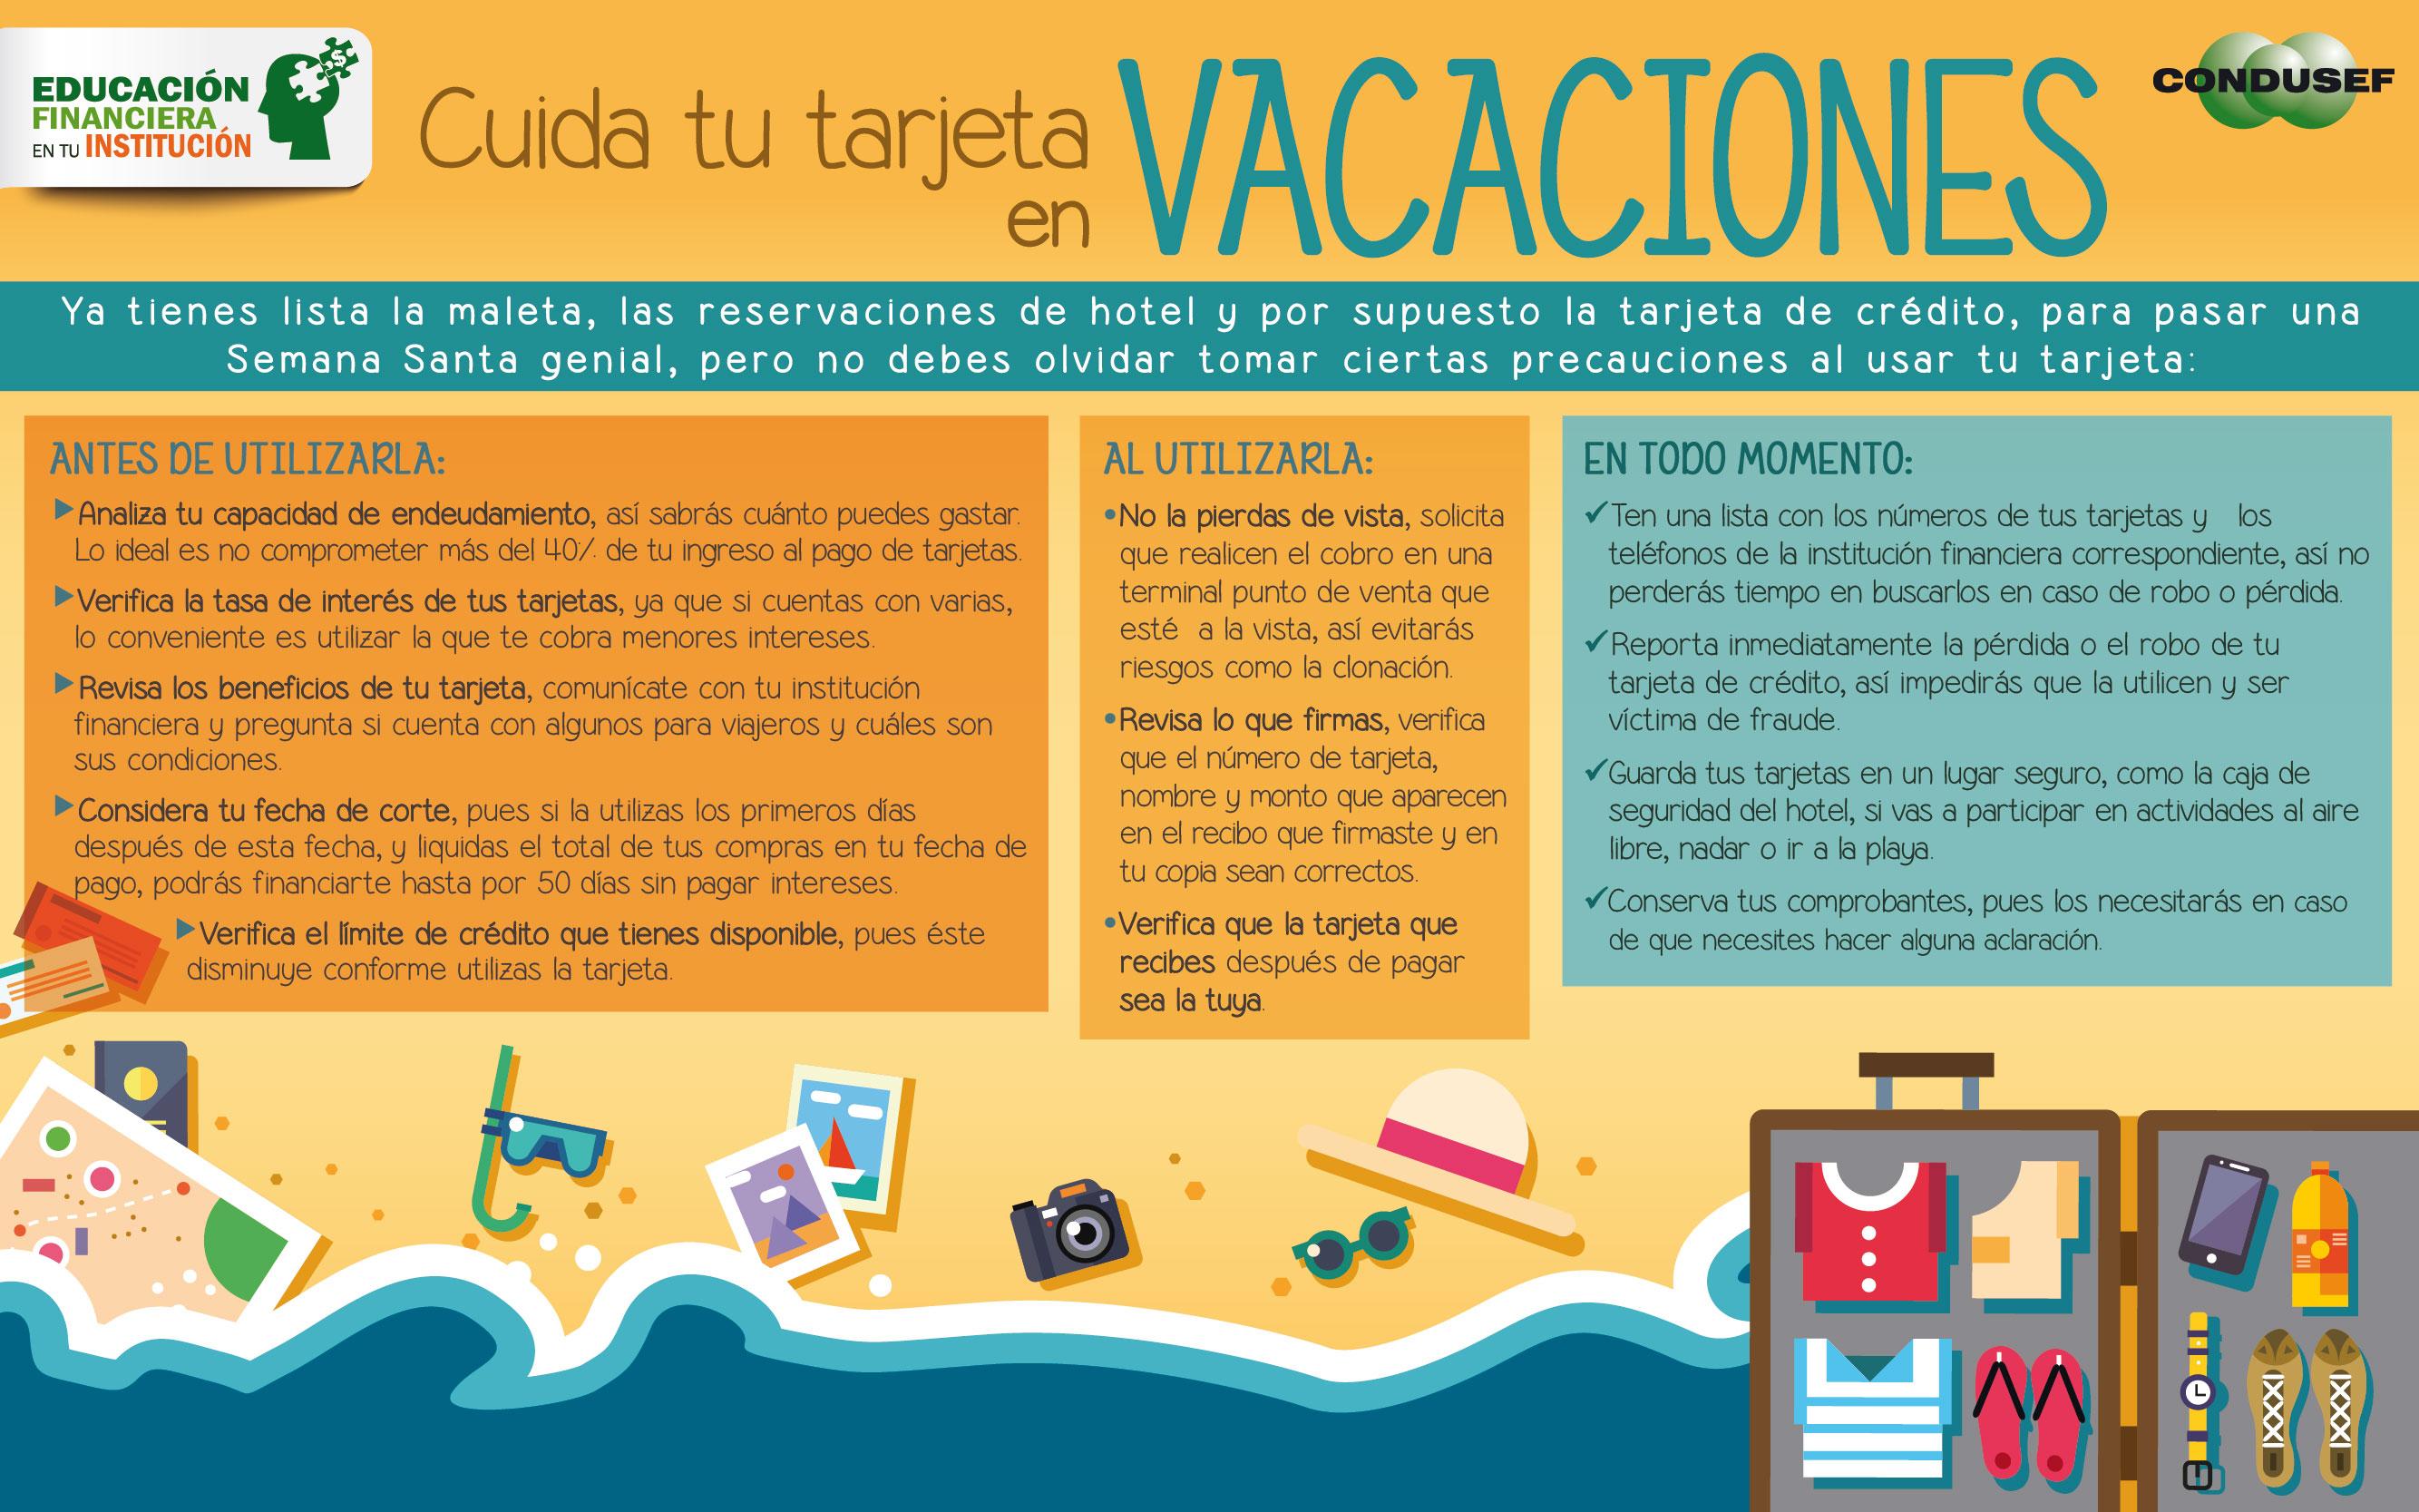 Cuida tu tarjeta en vacaciones